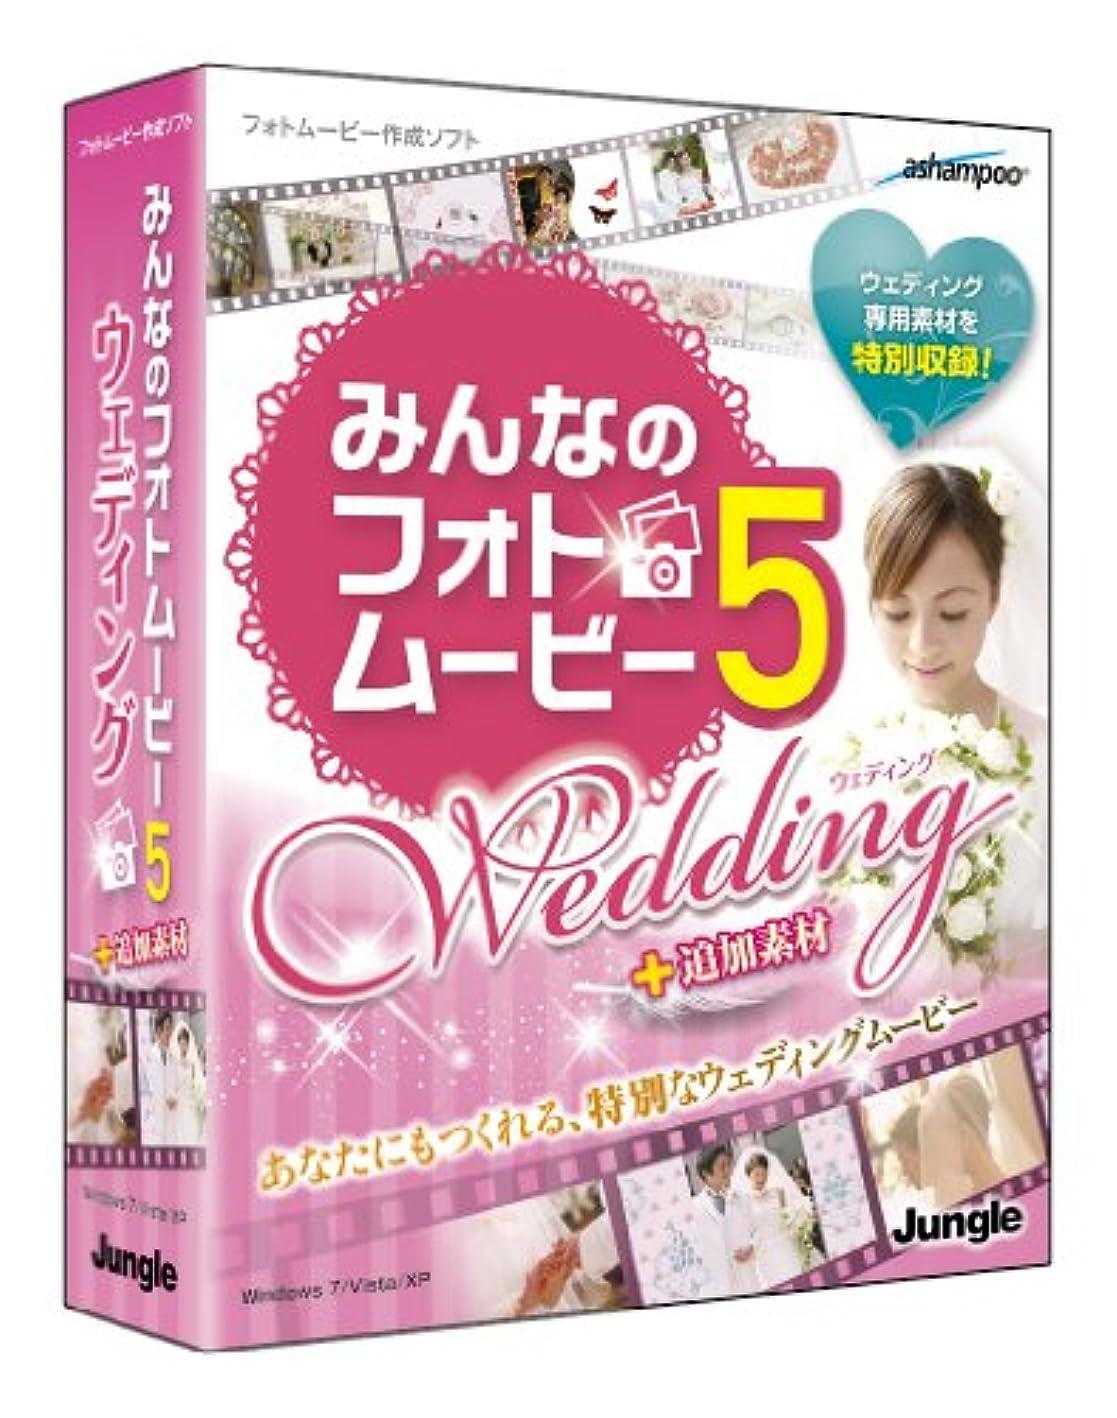 フリッパーレクリエーションプライバシーみんなのフォトムービー5 Wedding+追加素材